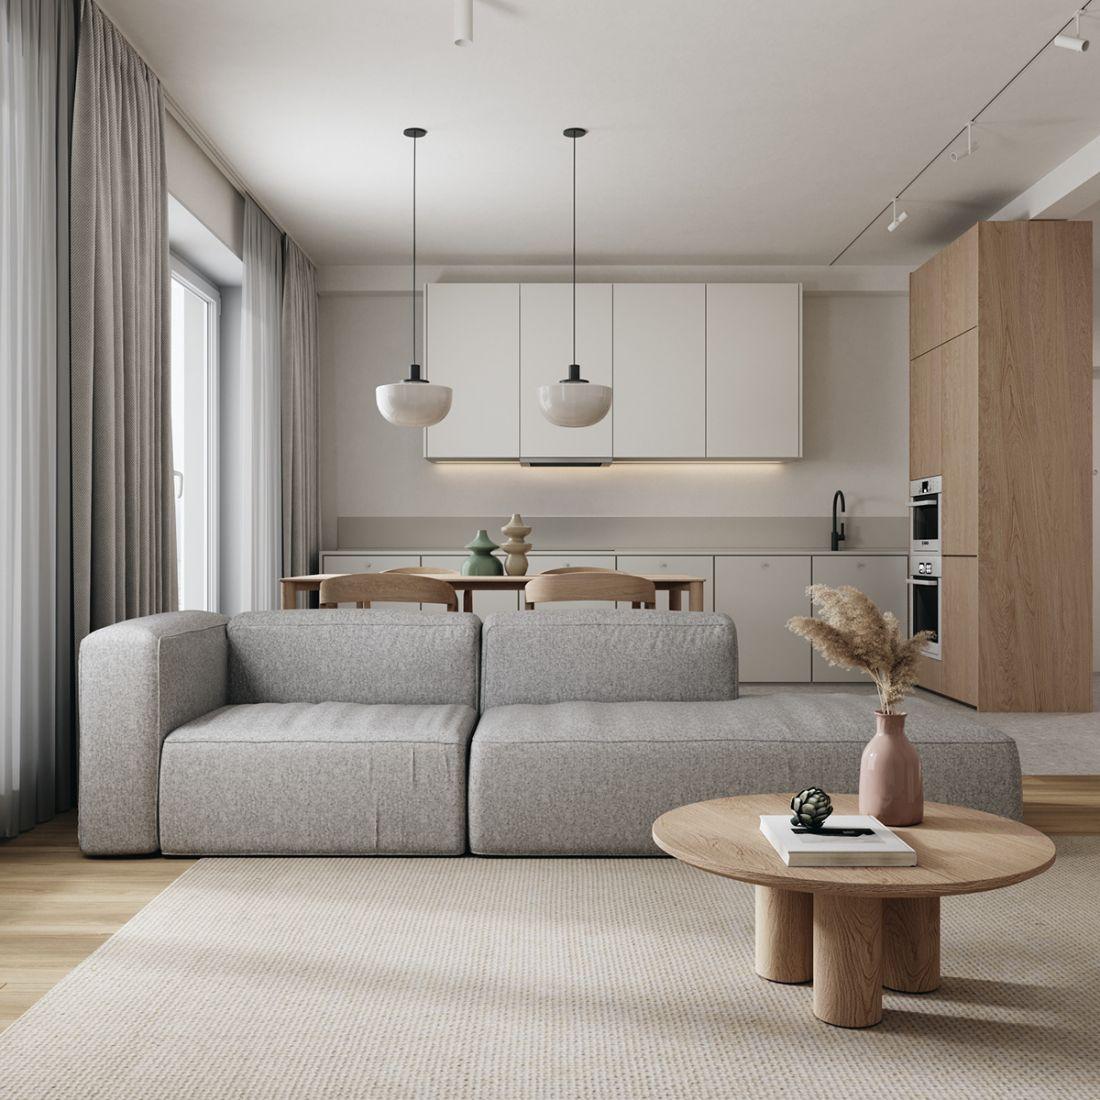 Căn hộ nhẹ nhàng, thanh lịch nhờ trang trí nội thất hiện đại